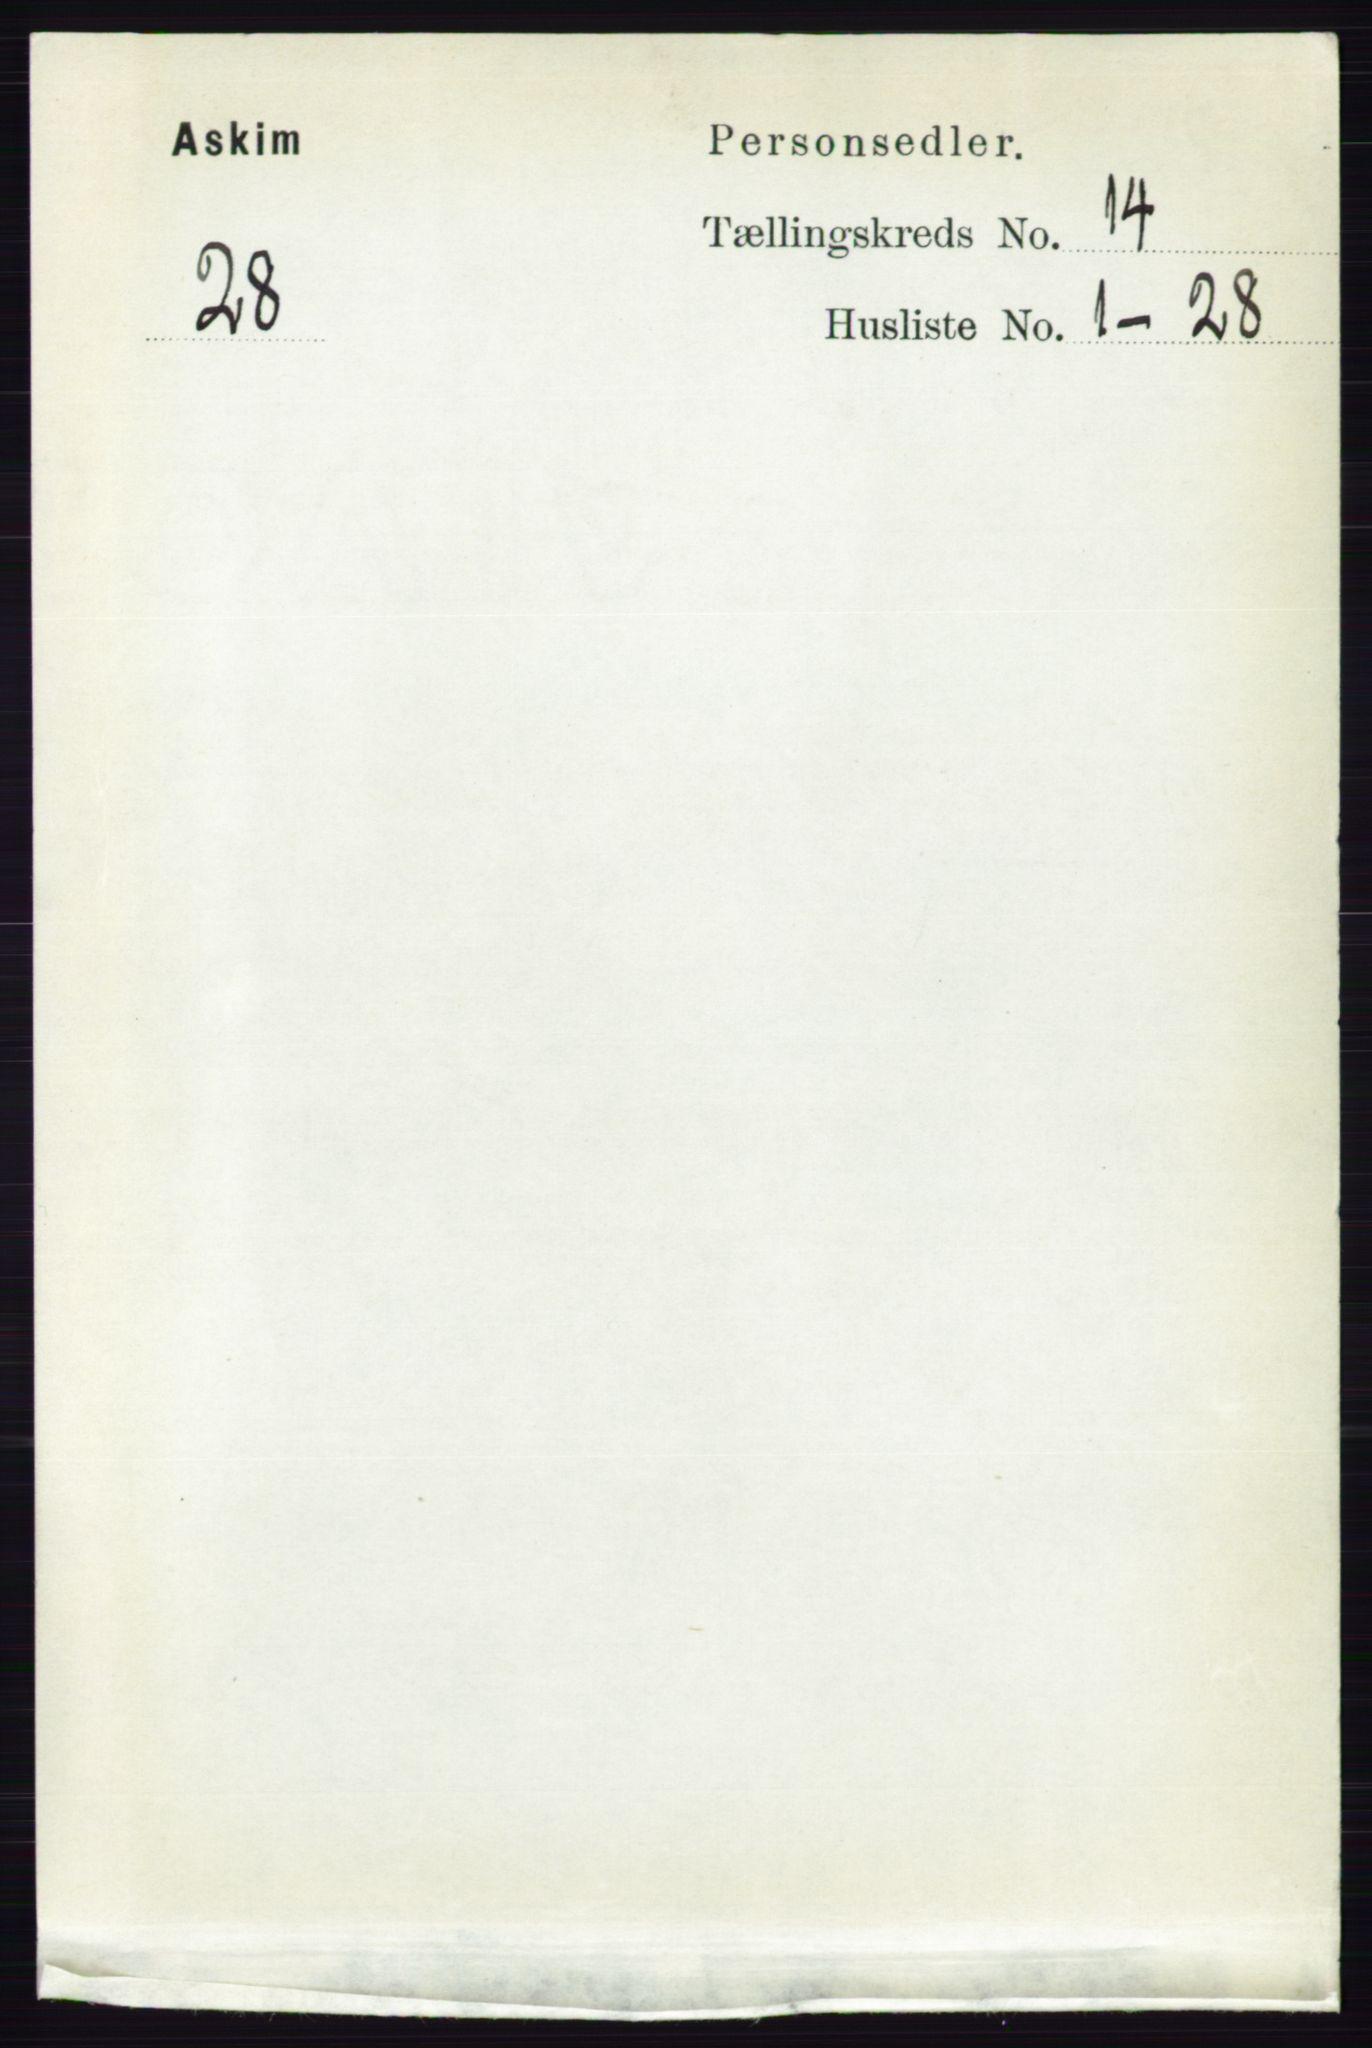 RA, Folketelling 1891 for 0124 Askim herred, 1891, s. 2245